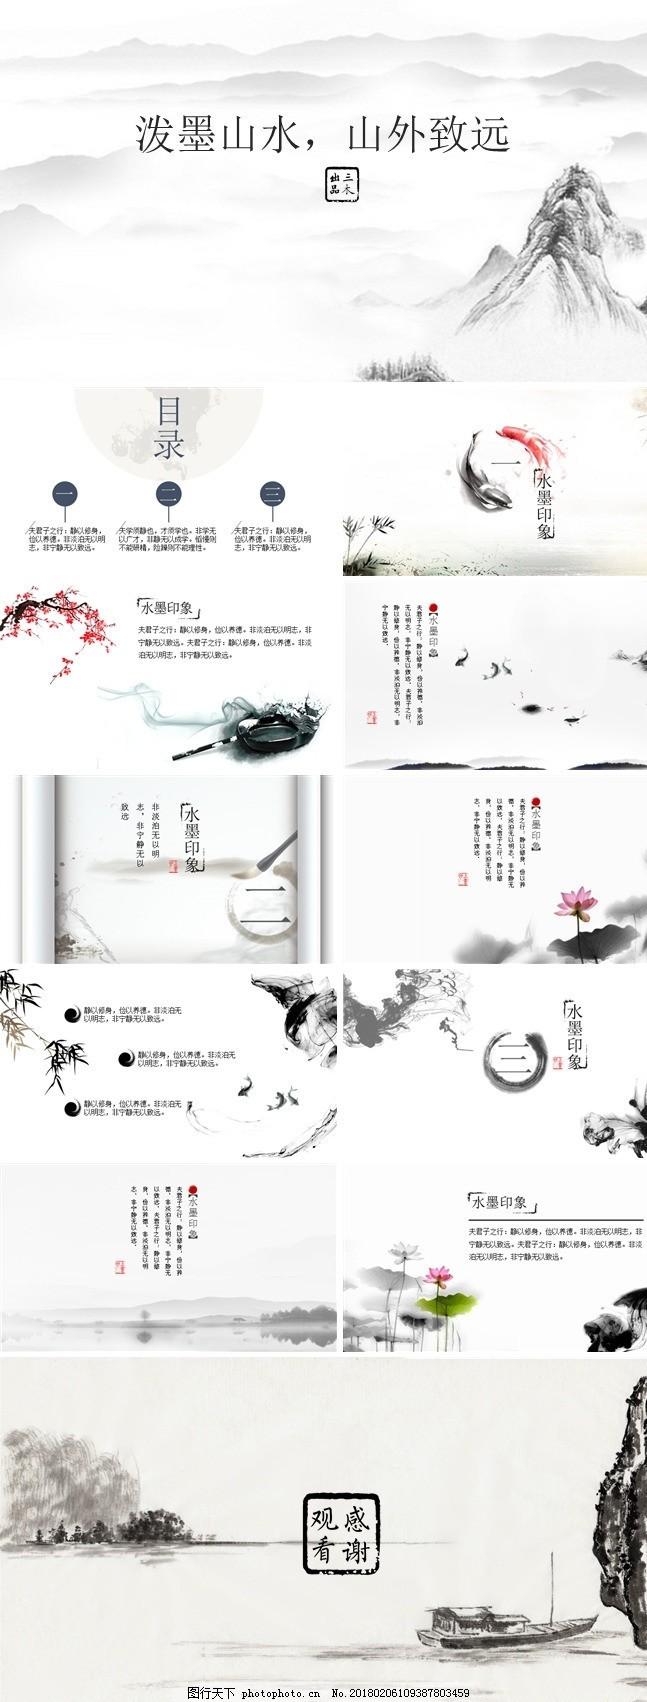 水墨印象中国风动态ppt12页,古典,淡雅,简约,通用,传统文化,工作总结